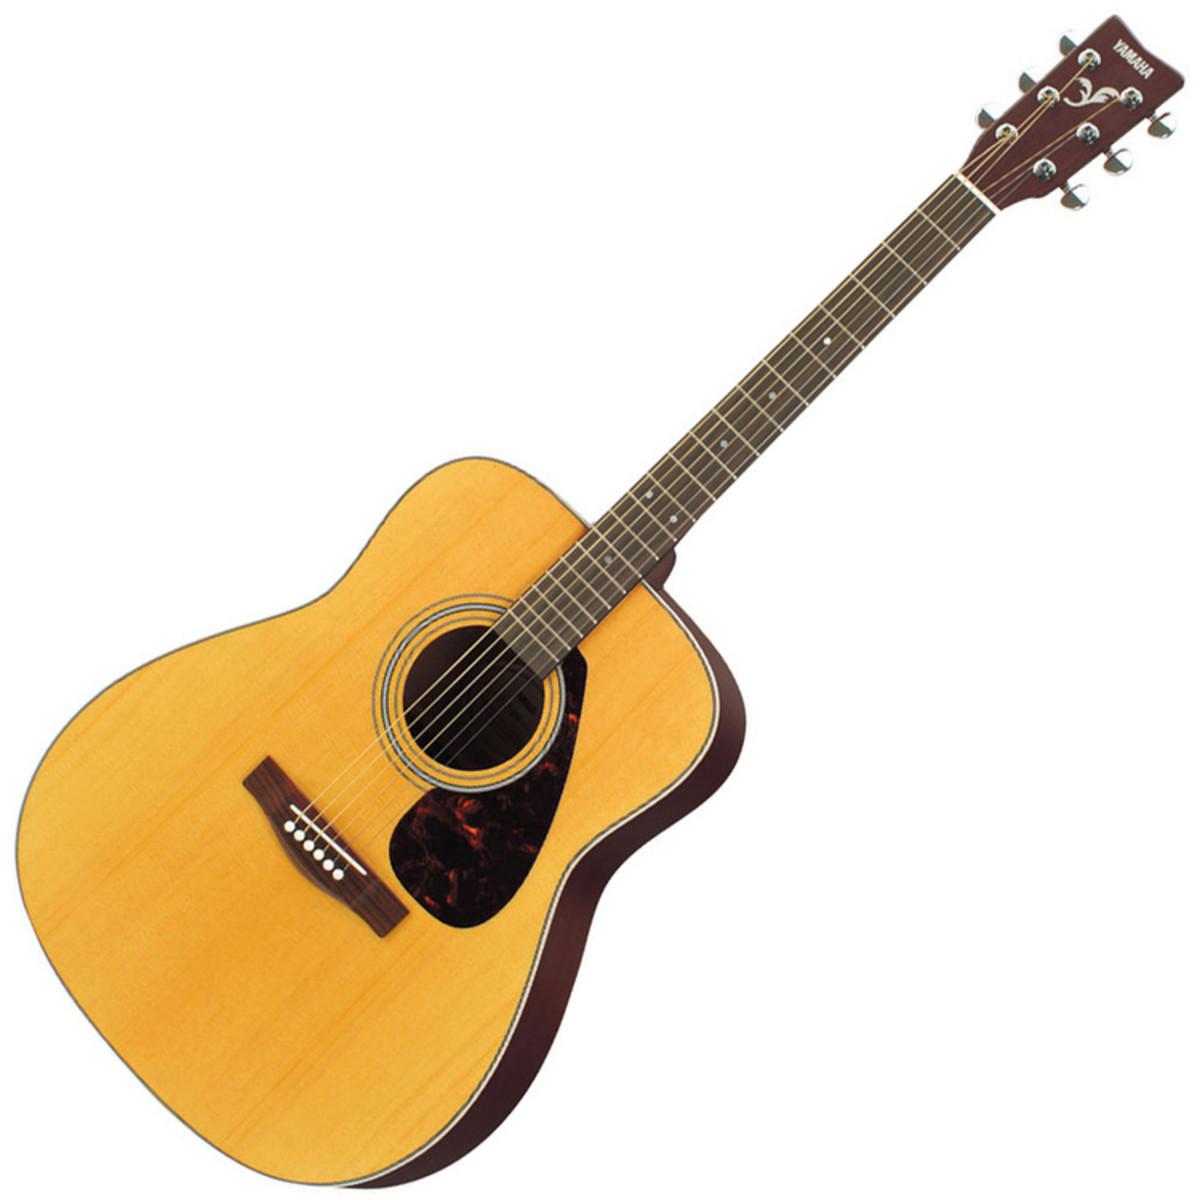 guitare yamaha f370